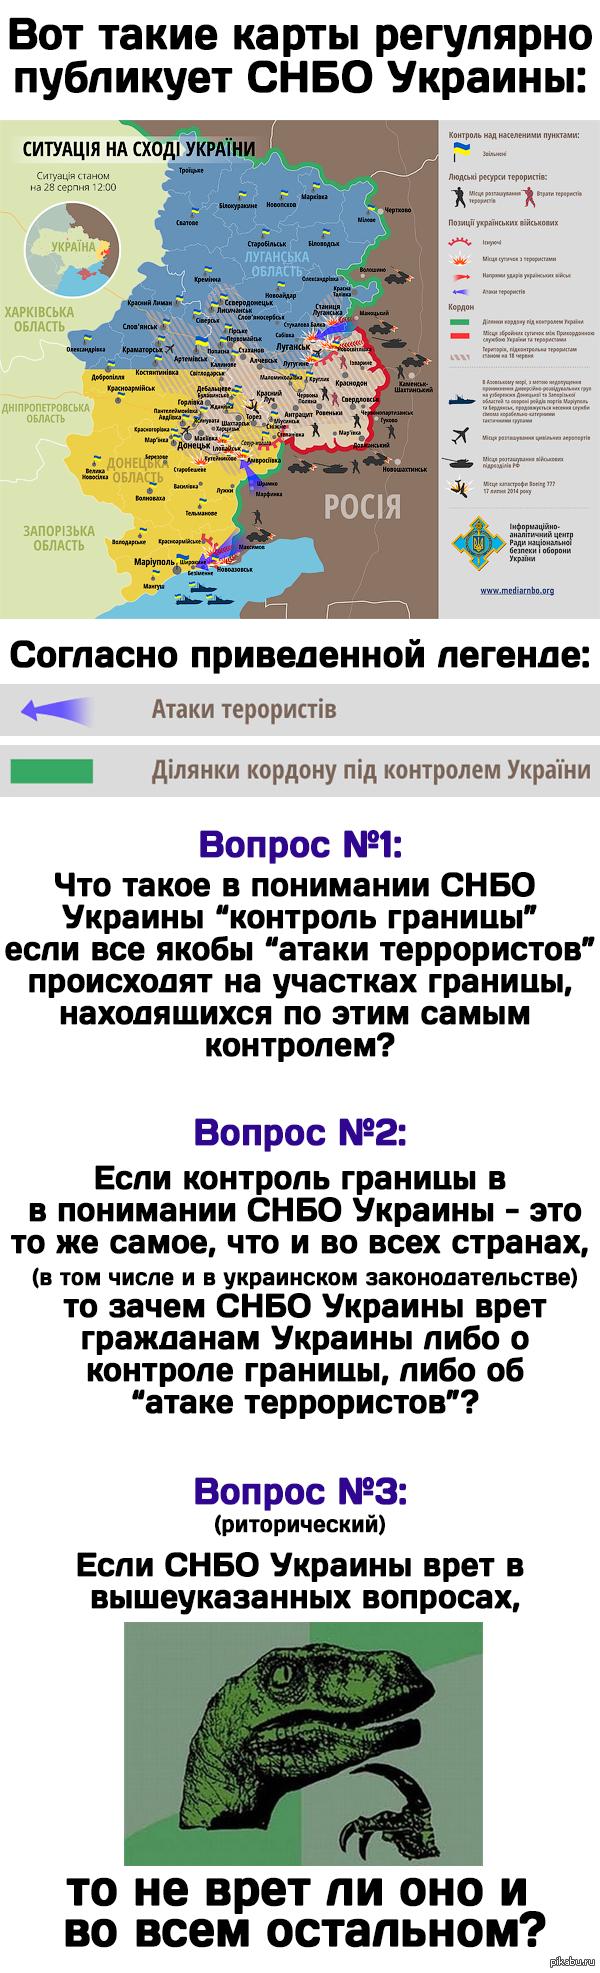 3 вопроса СНБО Украины просто включаем логику...